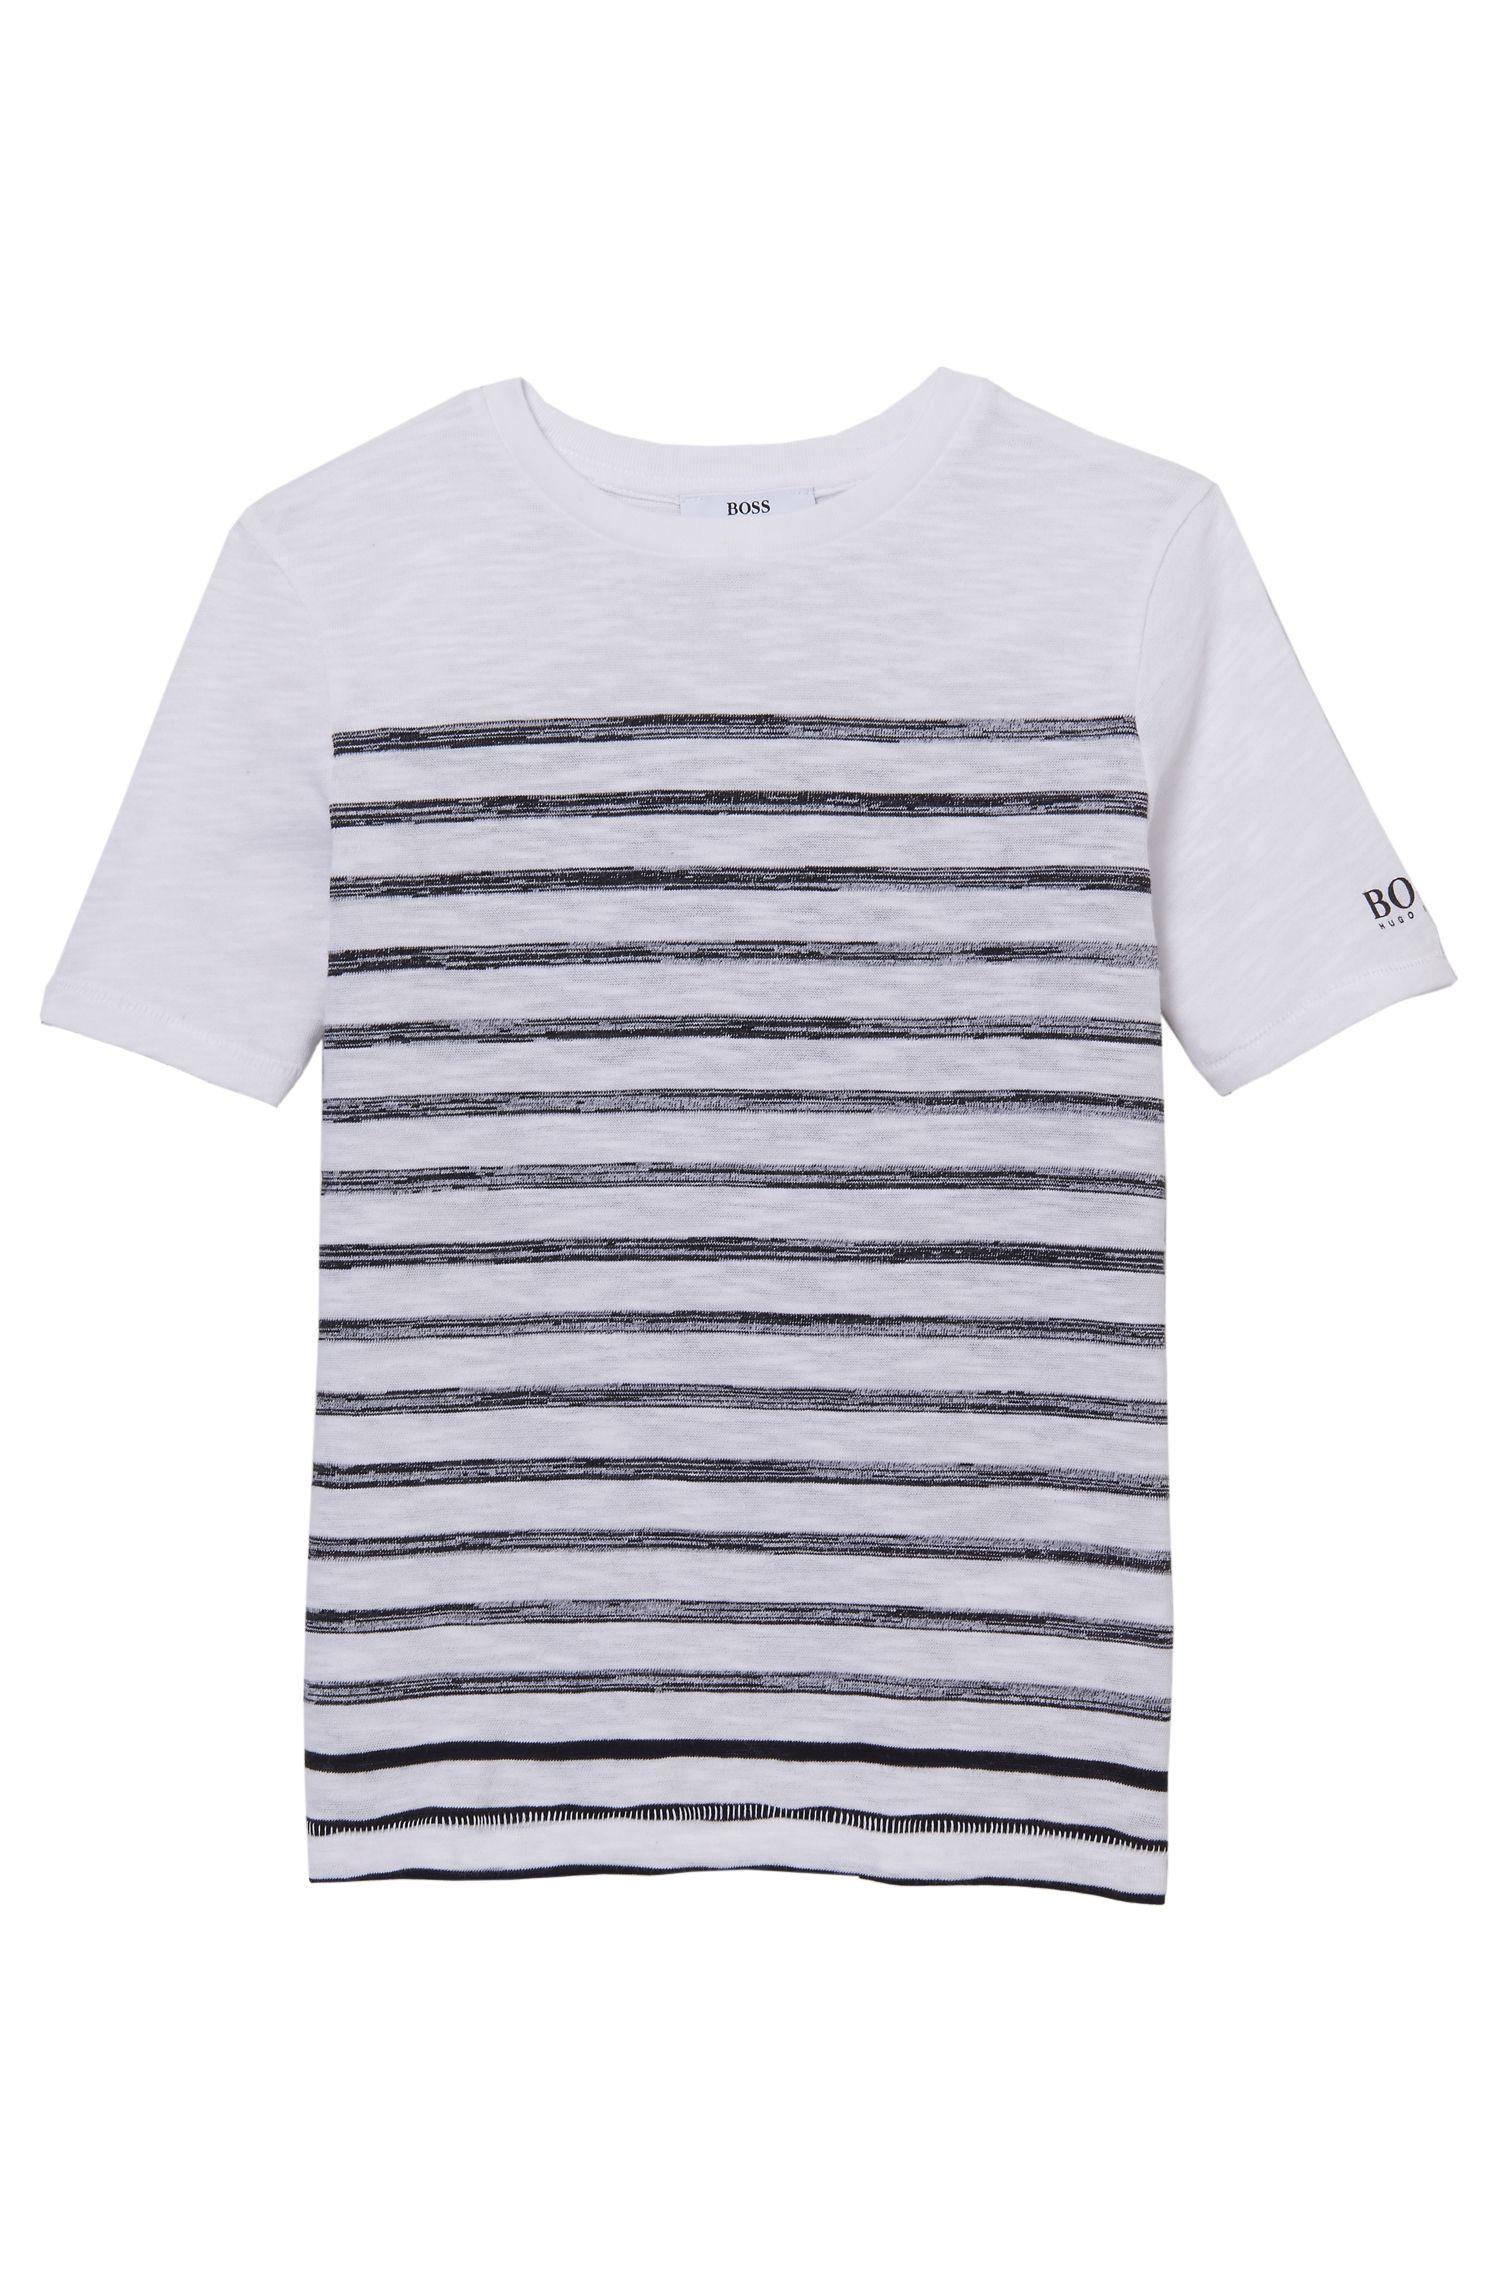 'J25941' | Boys Cotton Striped Tee